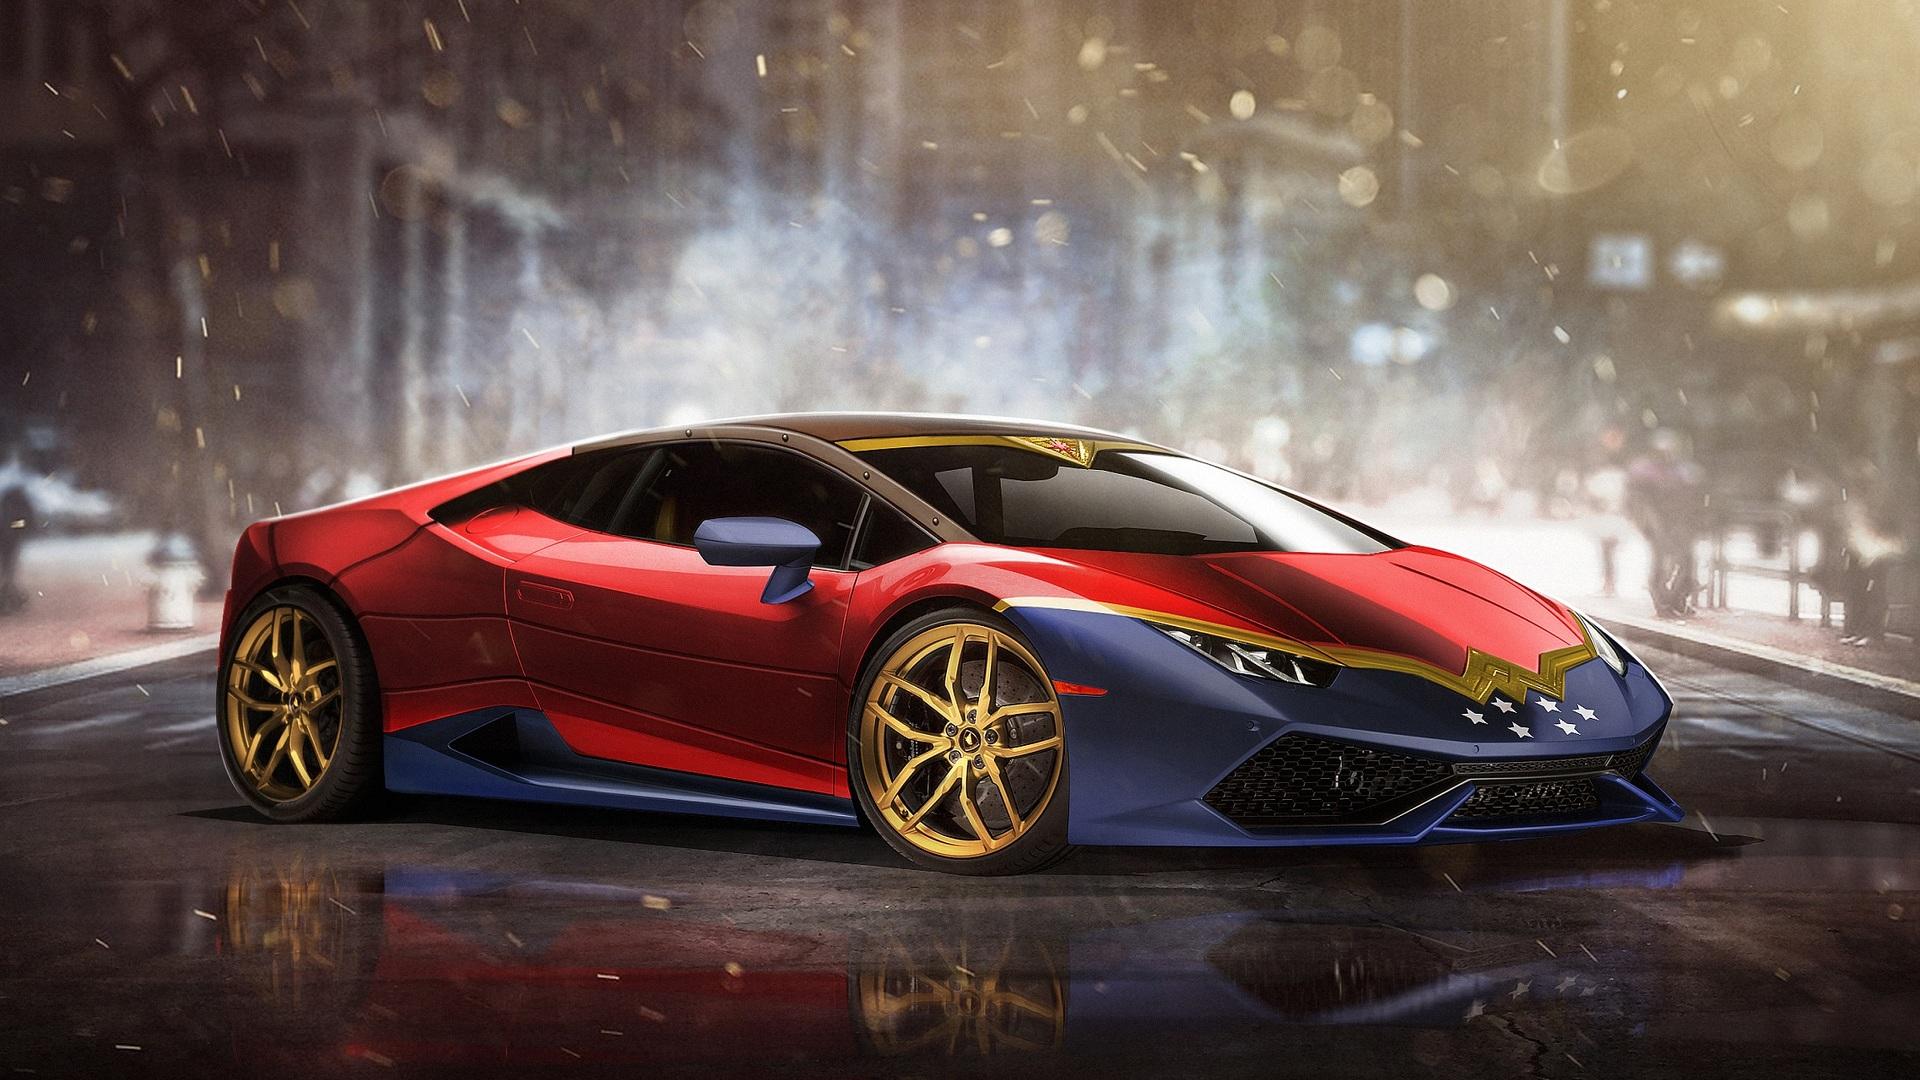 Wonder Woman Lamborghini Huracan Motor1 Com Photos